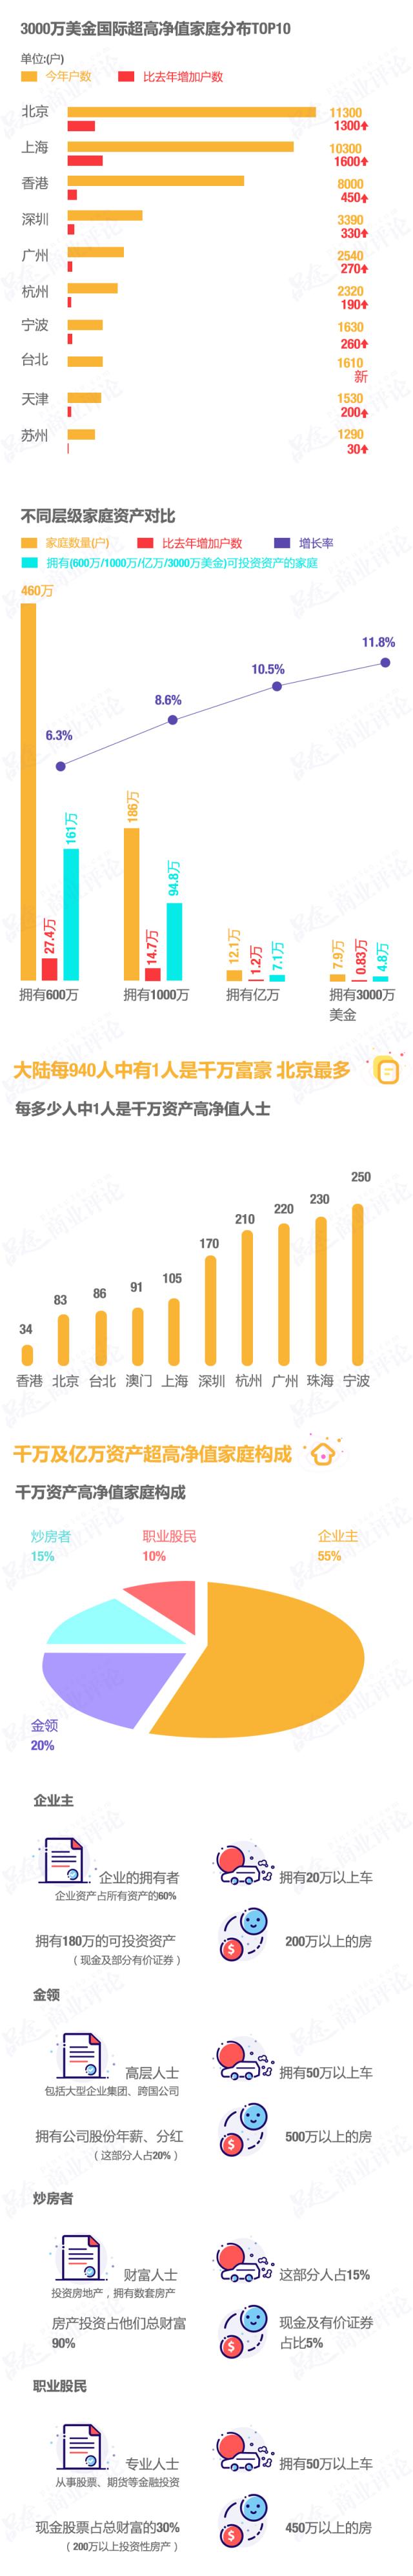 中国富豪家庭结构揭秘,千万富翁就在你身边!丨途画商业